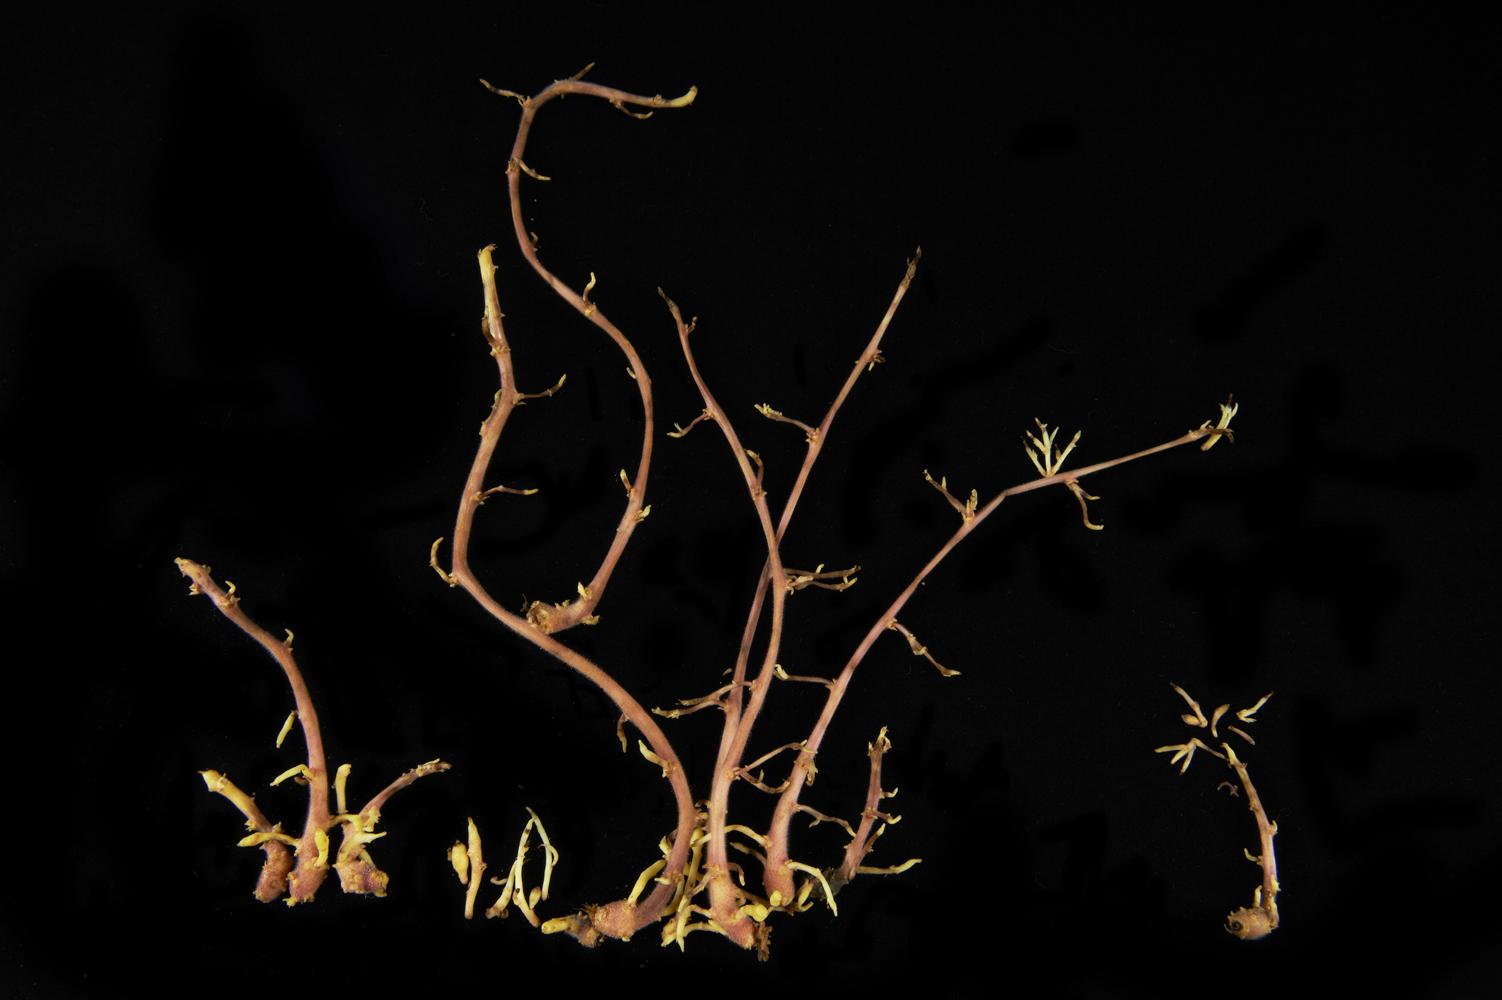 arbres_en_germes